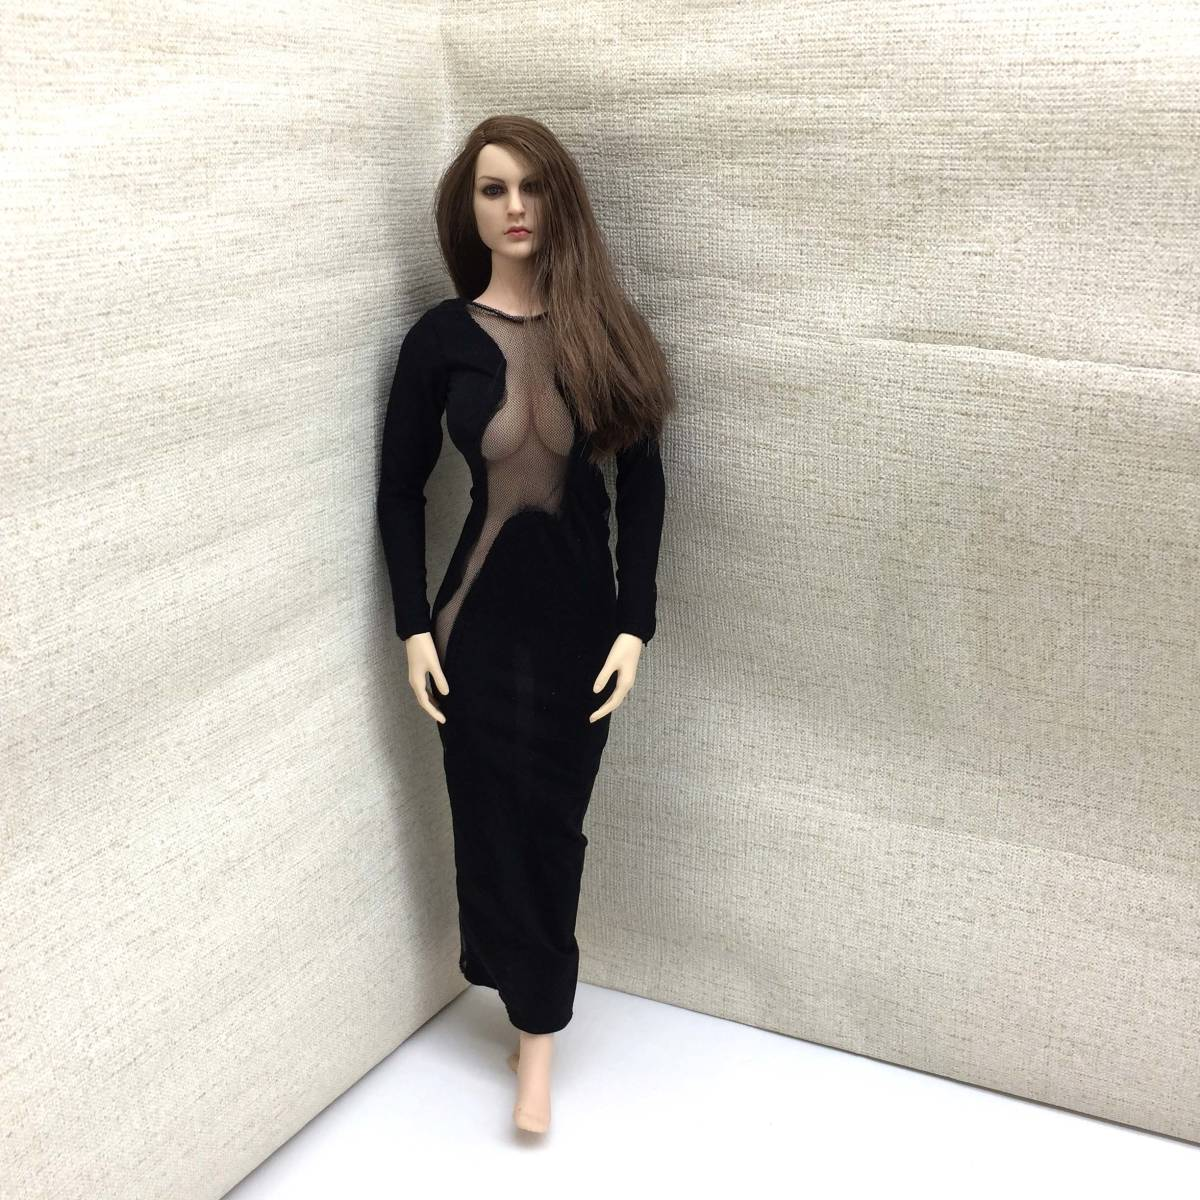 送料無料 美品 1/6サイズ PHICEN ファイセン素体対応 女性フィギュア用 ドレス 番号A58_画像7